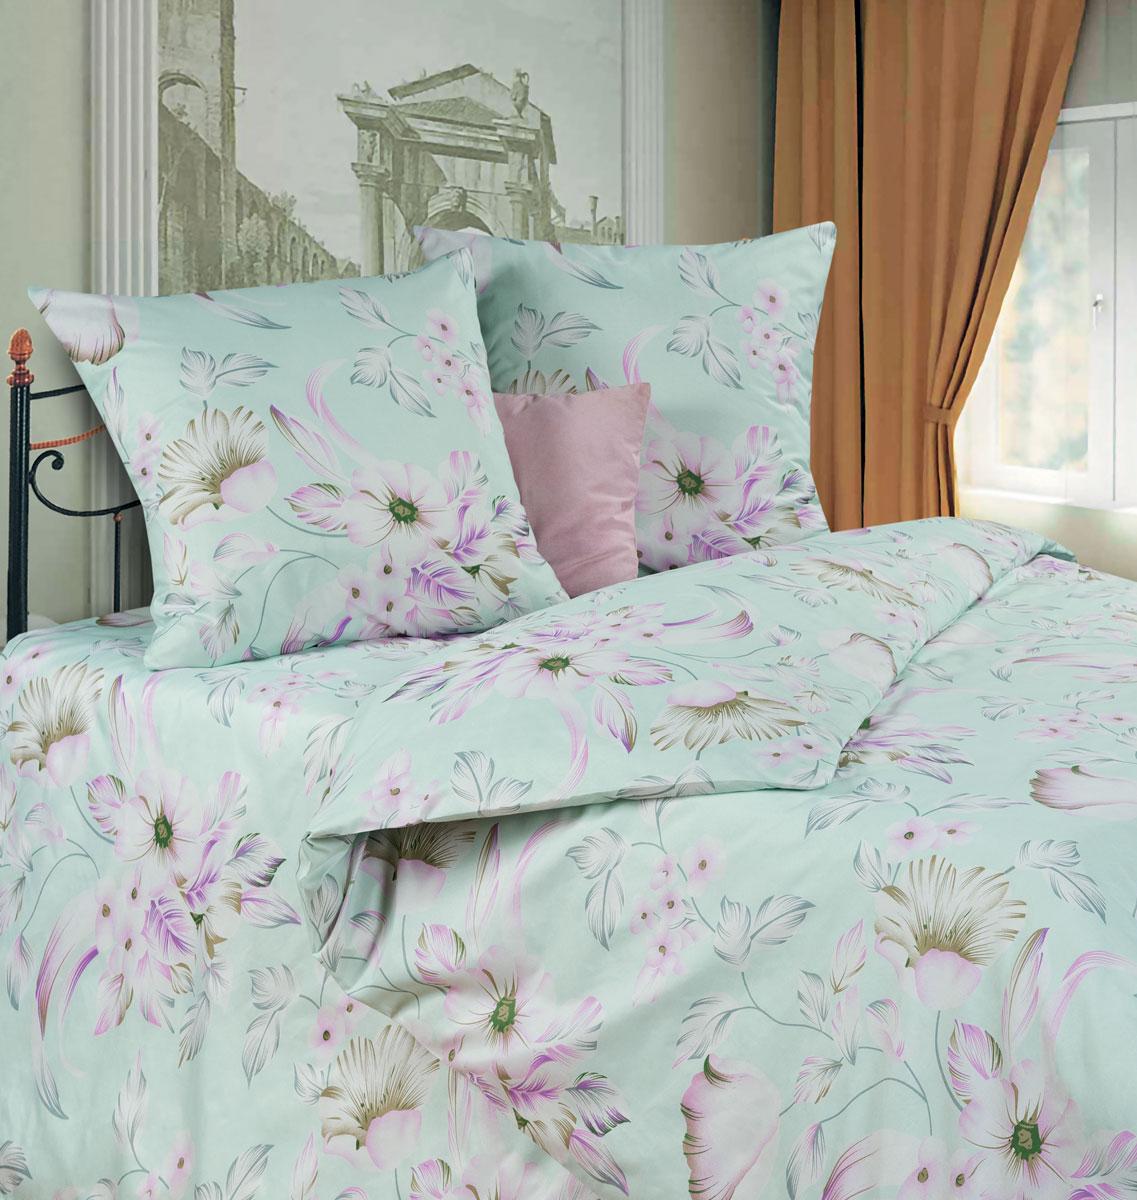 Комплект белья P&W Букет лилий, 2-спальный, наволочки 69x69, цвет: сиреневый, розовый, мятный98299571Комплект постельного белья P&W Букет лилий выполнен из микрофибры. Комплект состоит из пододеяльника, простыни и двух наволочек. Постельное белье оформлено изысканным рисунком.Ткань приятная на ощупь, мягкая и нежная, при этом она прочная и хорошо сохраняет форму, легко гладится. Ткань микрофибра - новая технология в производстве постельного белья. Тонкие волокна, используемые в ткани, производят путем переработки полиамида и полиэстера. Такая нить не впитывает влагу, как хлопок, а пропускает ее через себя, и влага быстро испаряется. Изделие не деформируется и хорошо держит форму. Благодаря такому комплекту постельного белья, вы сможете создать атмосферу роскоши и романтики в вашей спальне.